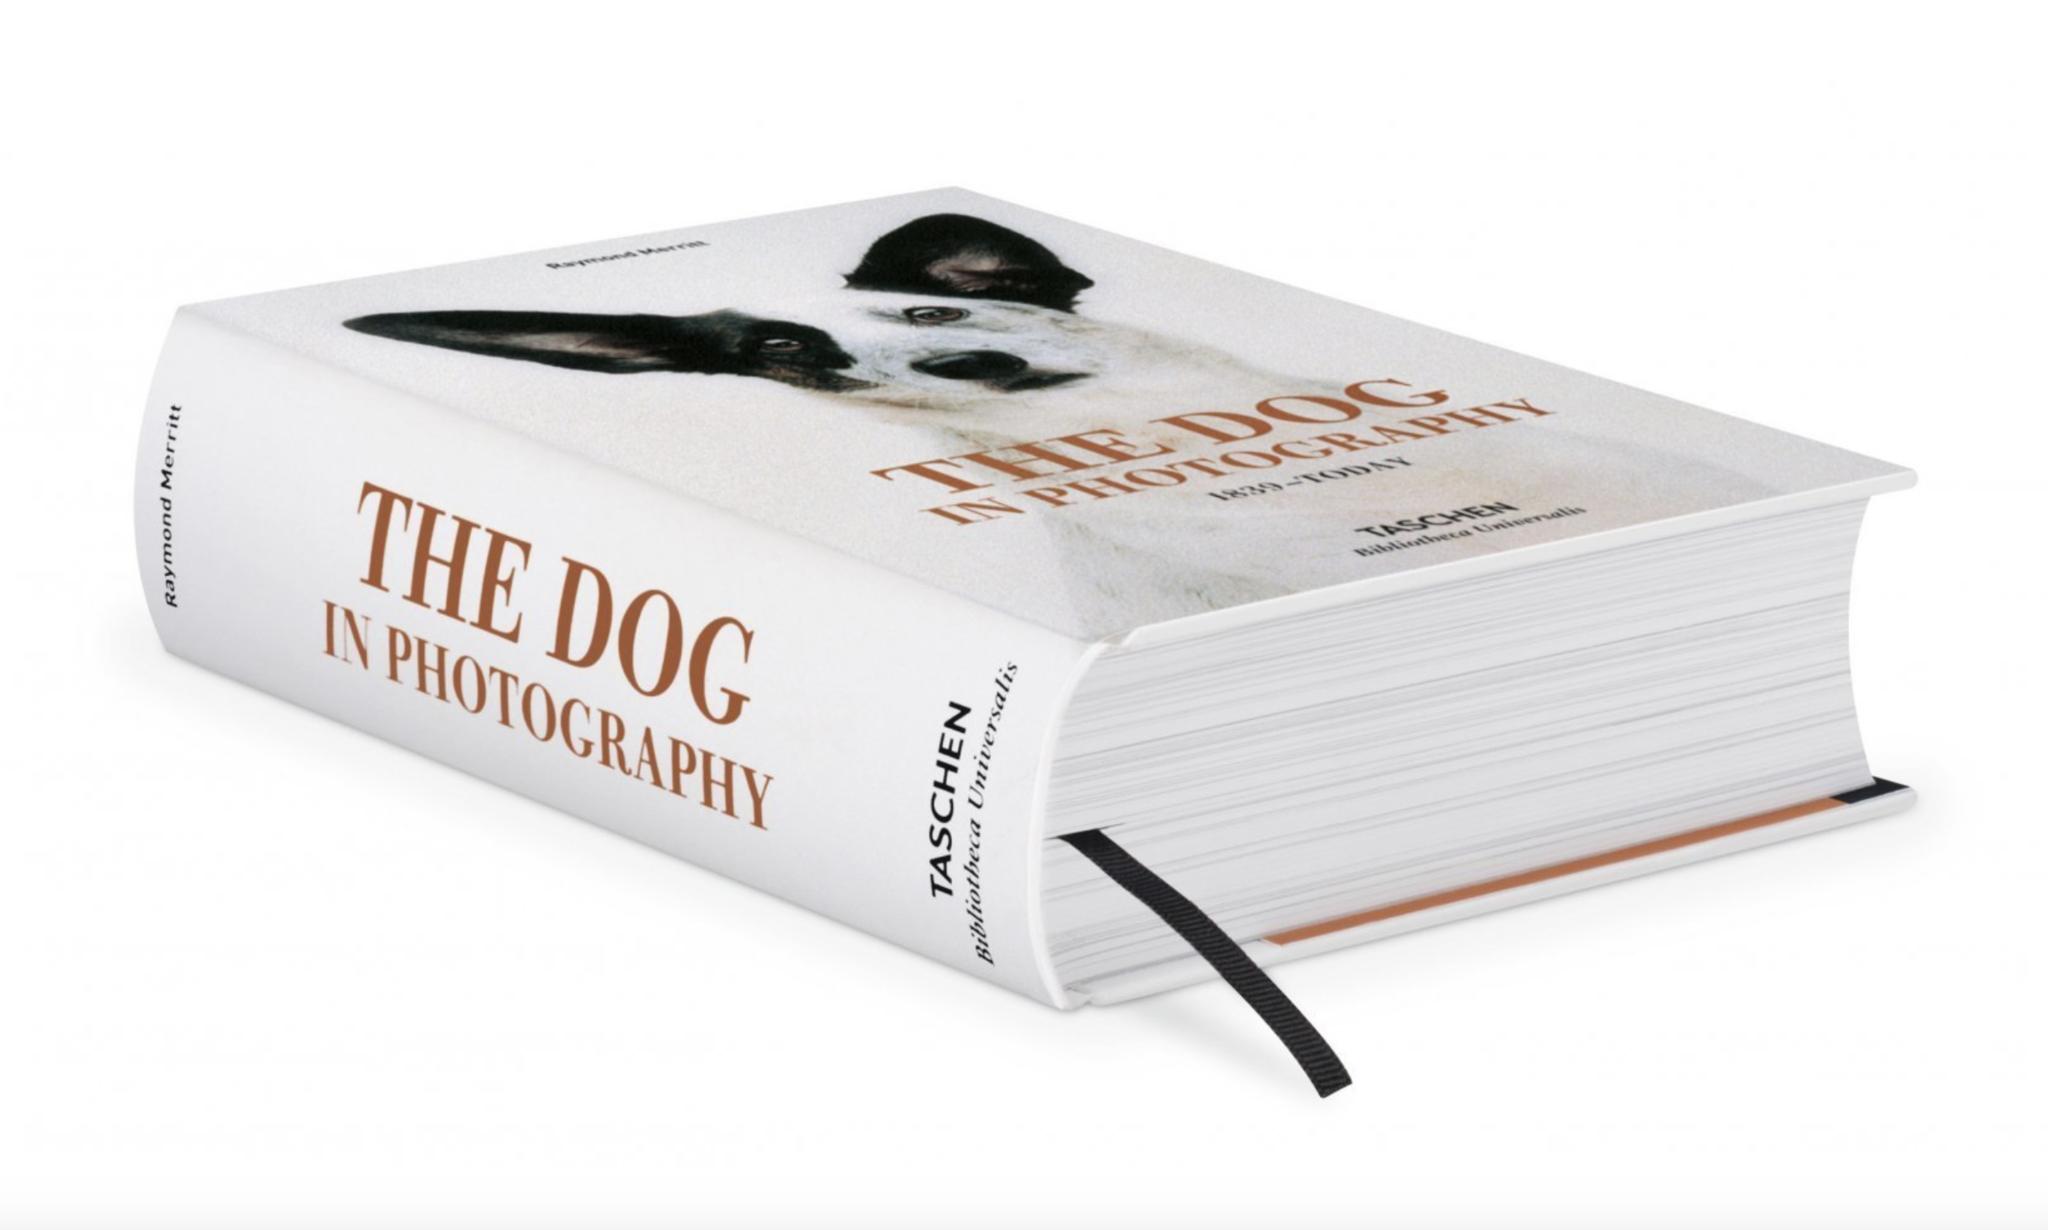 Taschen Dog In Photography